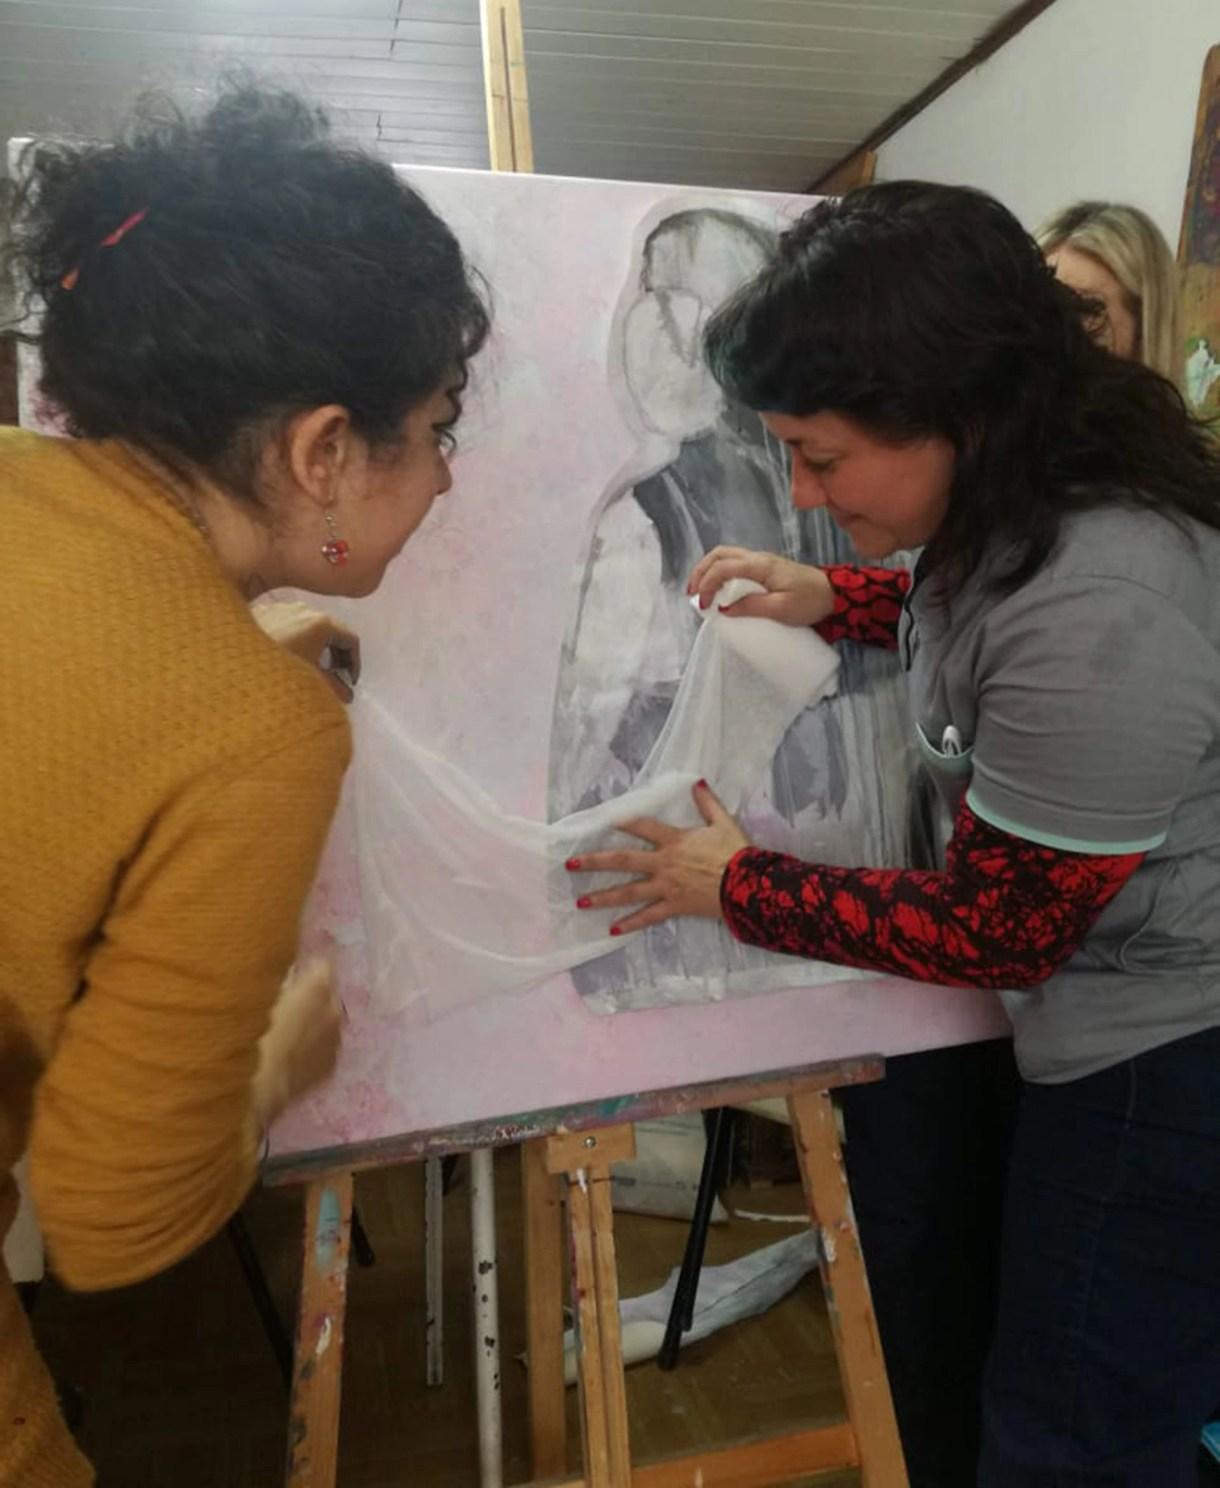 En proceso de creación de Abrazo, la obra inspirada por una foto